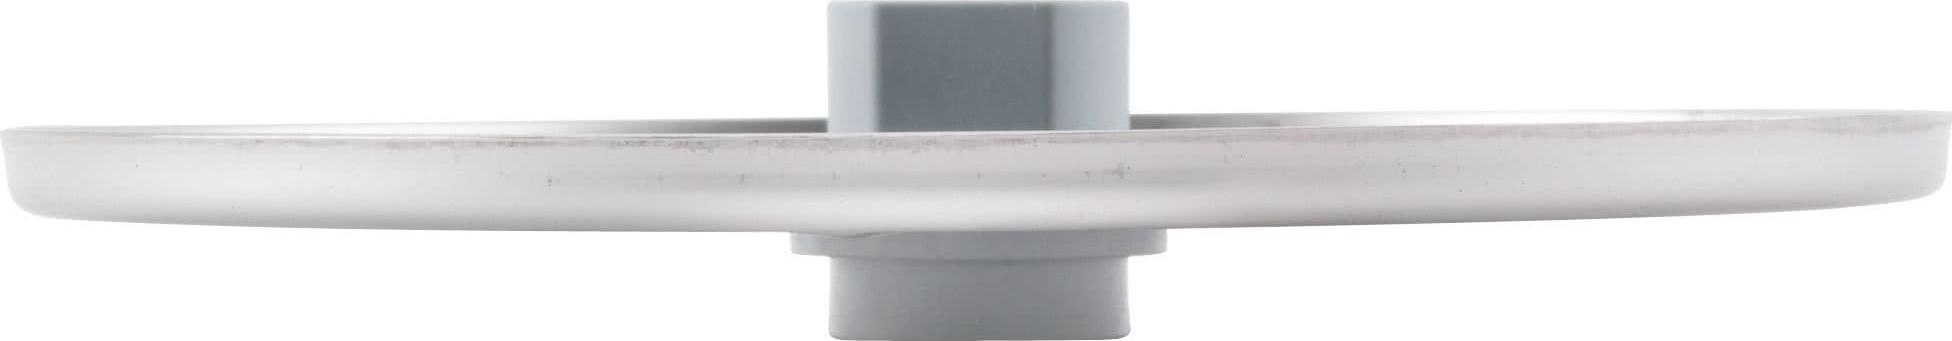 Диск-слайсер Robot Coupe 27621(2мм) для волнистой нарезки - 3